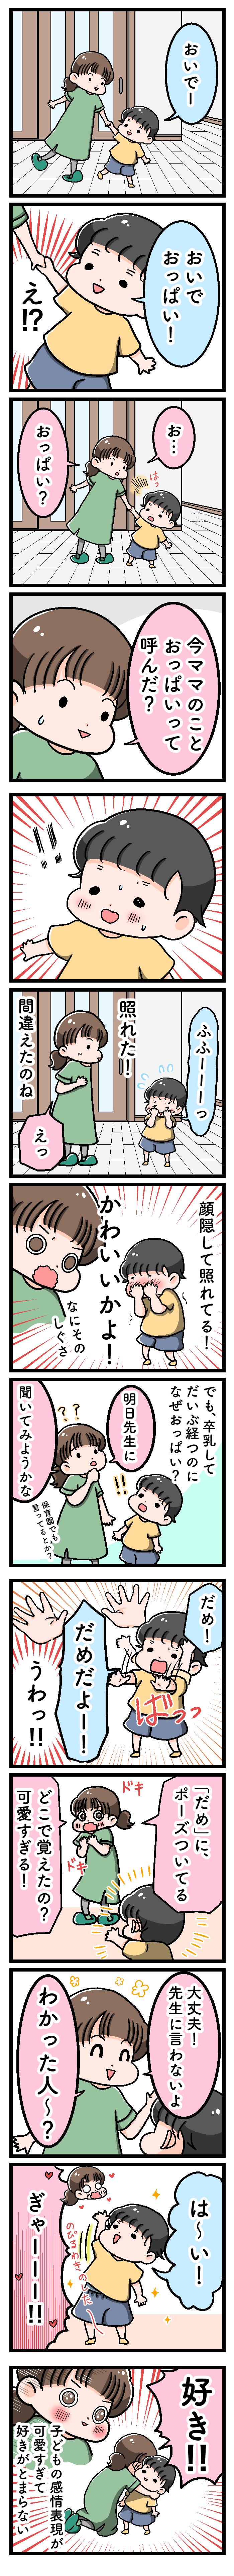 そのポーズ、どこで覚えたの?子どもの感情表現に「好き」がとまらないの画像1